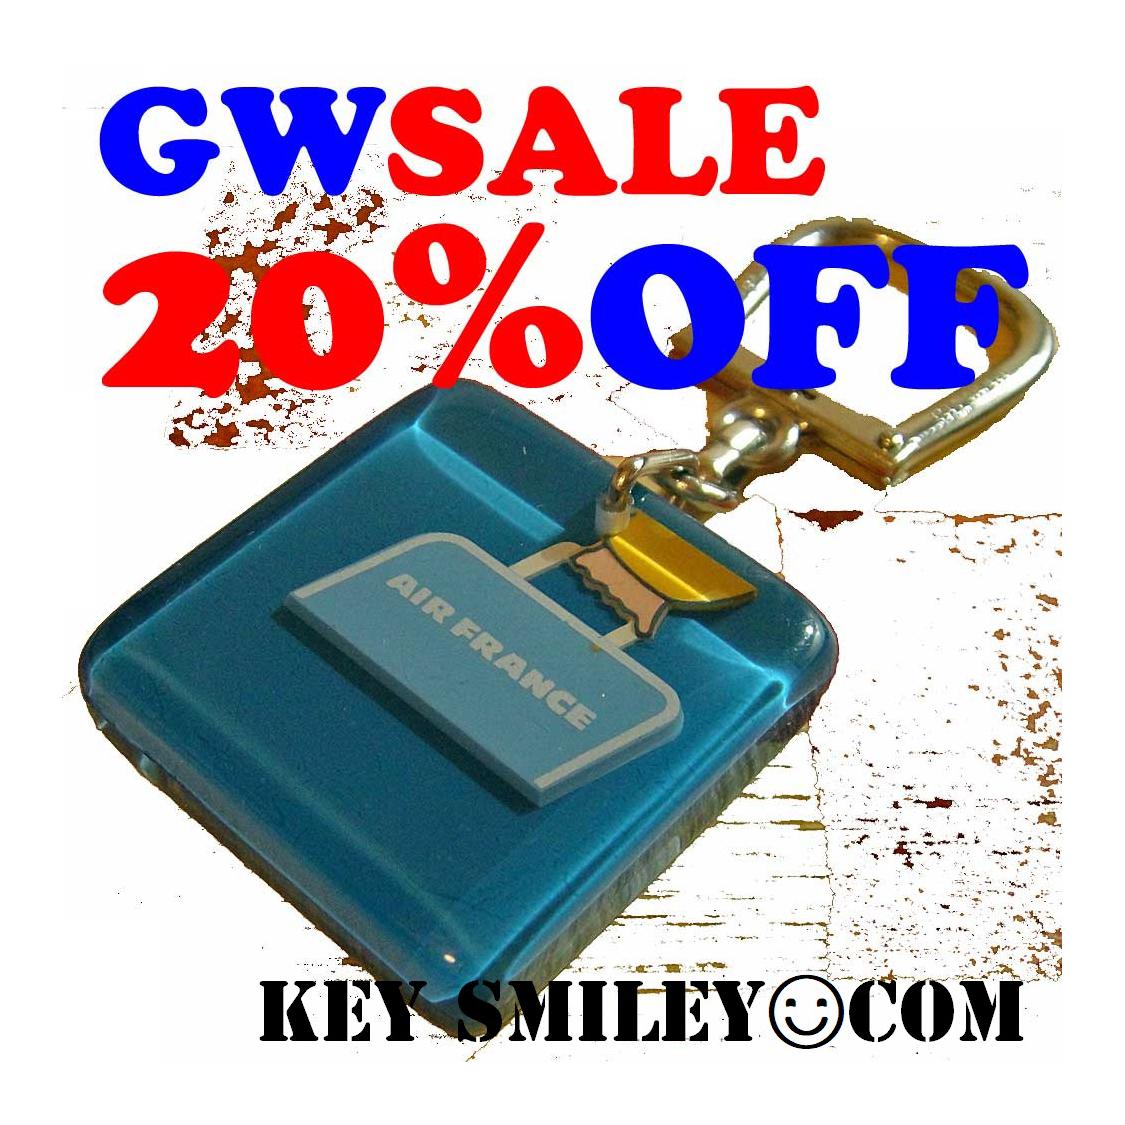 GWセール全品20%割引!開催中です。どうぞよろしくお願いいたします。